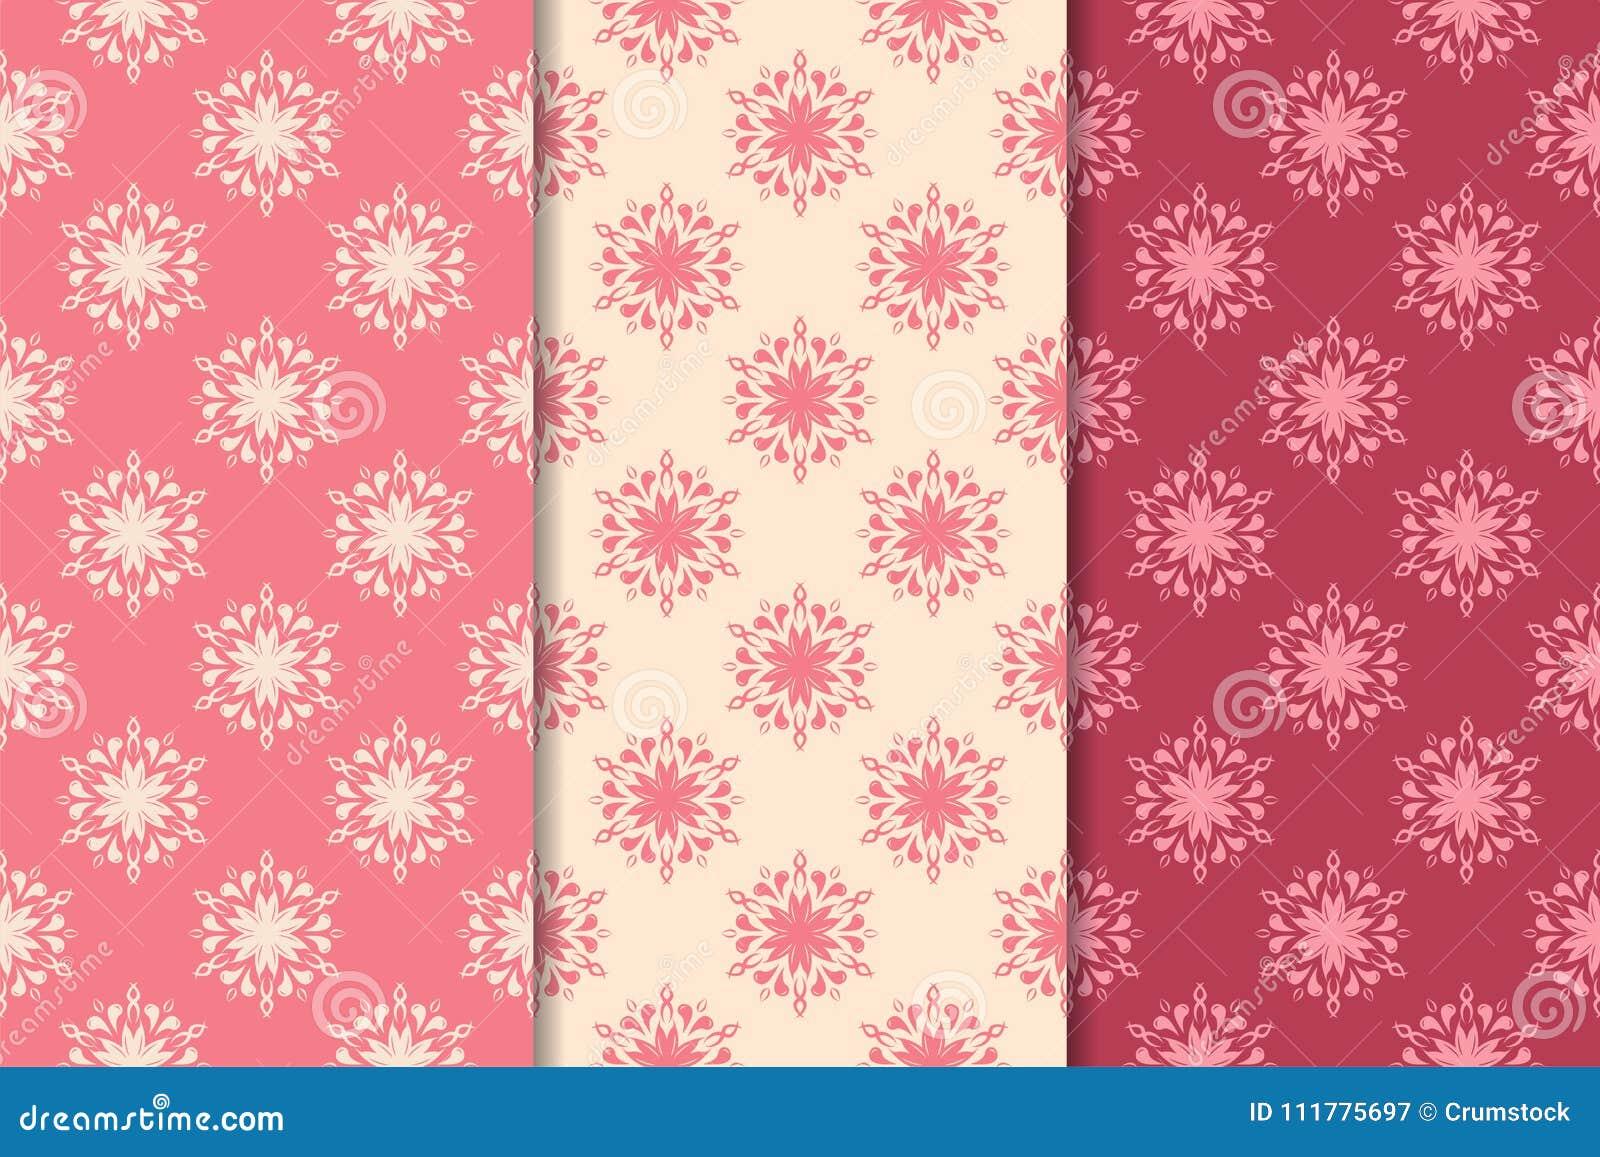 Satz rote Blumenverzierungen Kirschrosa vertikale nahtlose Muster